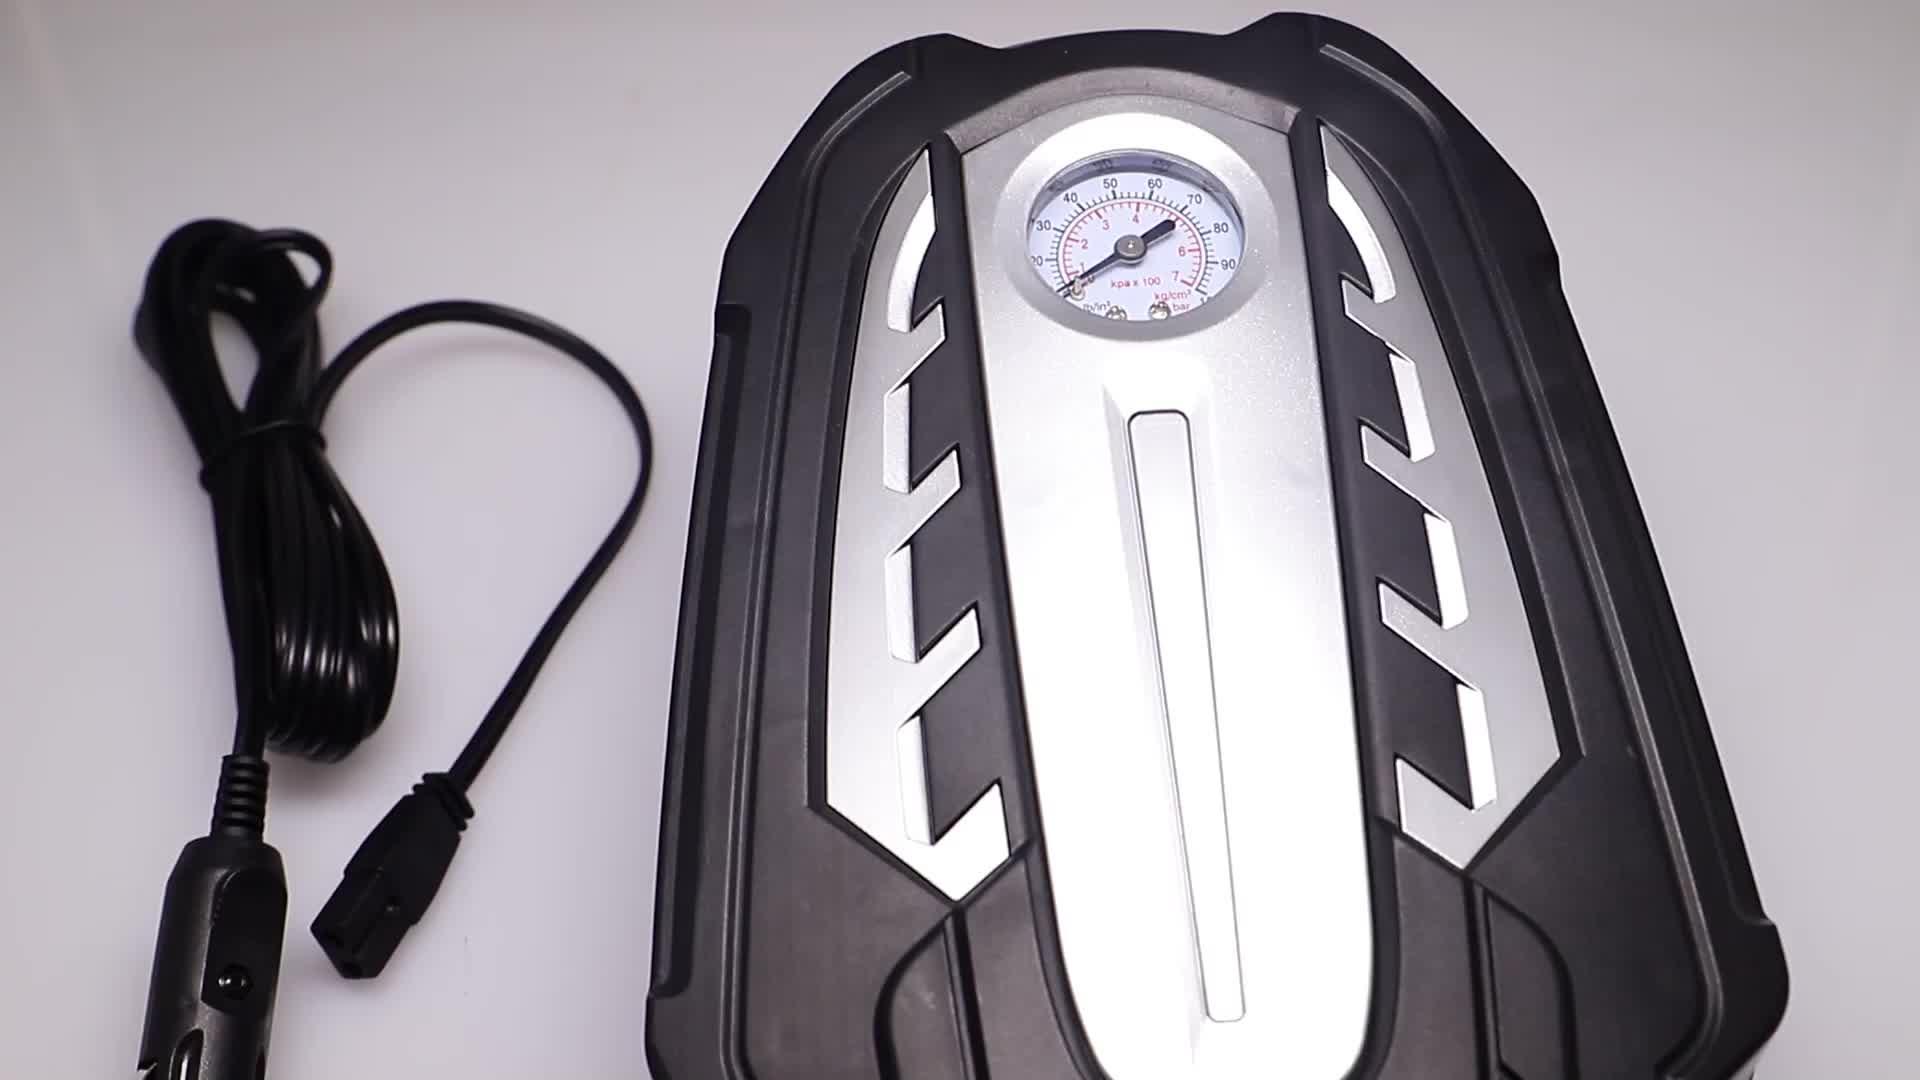 Dc volts 12 calibrador de pneus inflator bomba elétrica automática digital portátil para carro